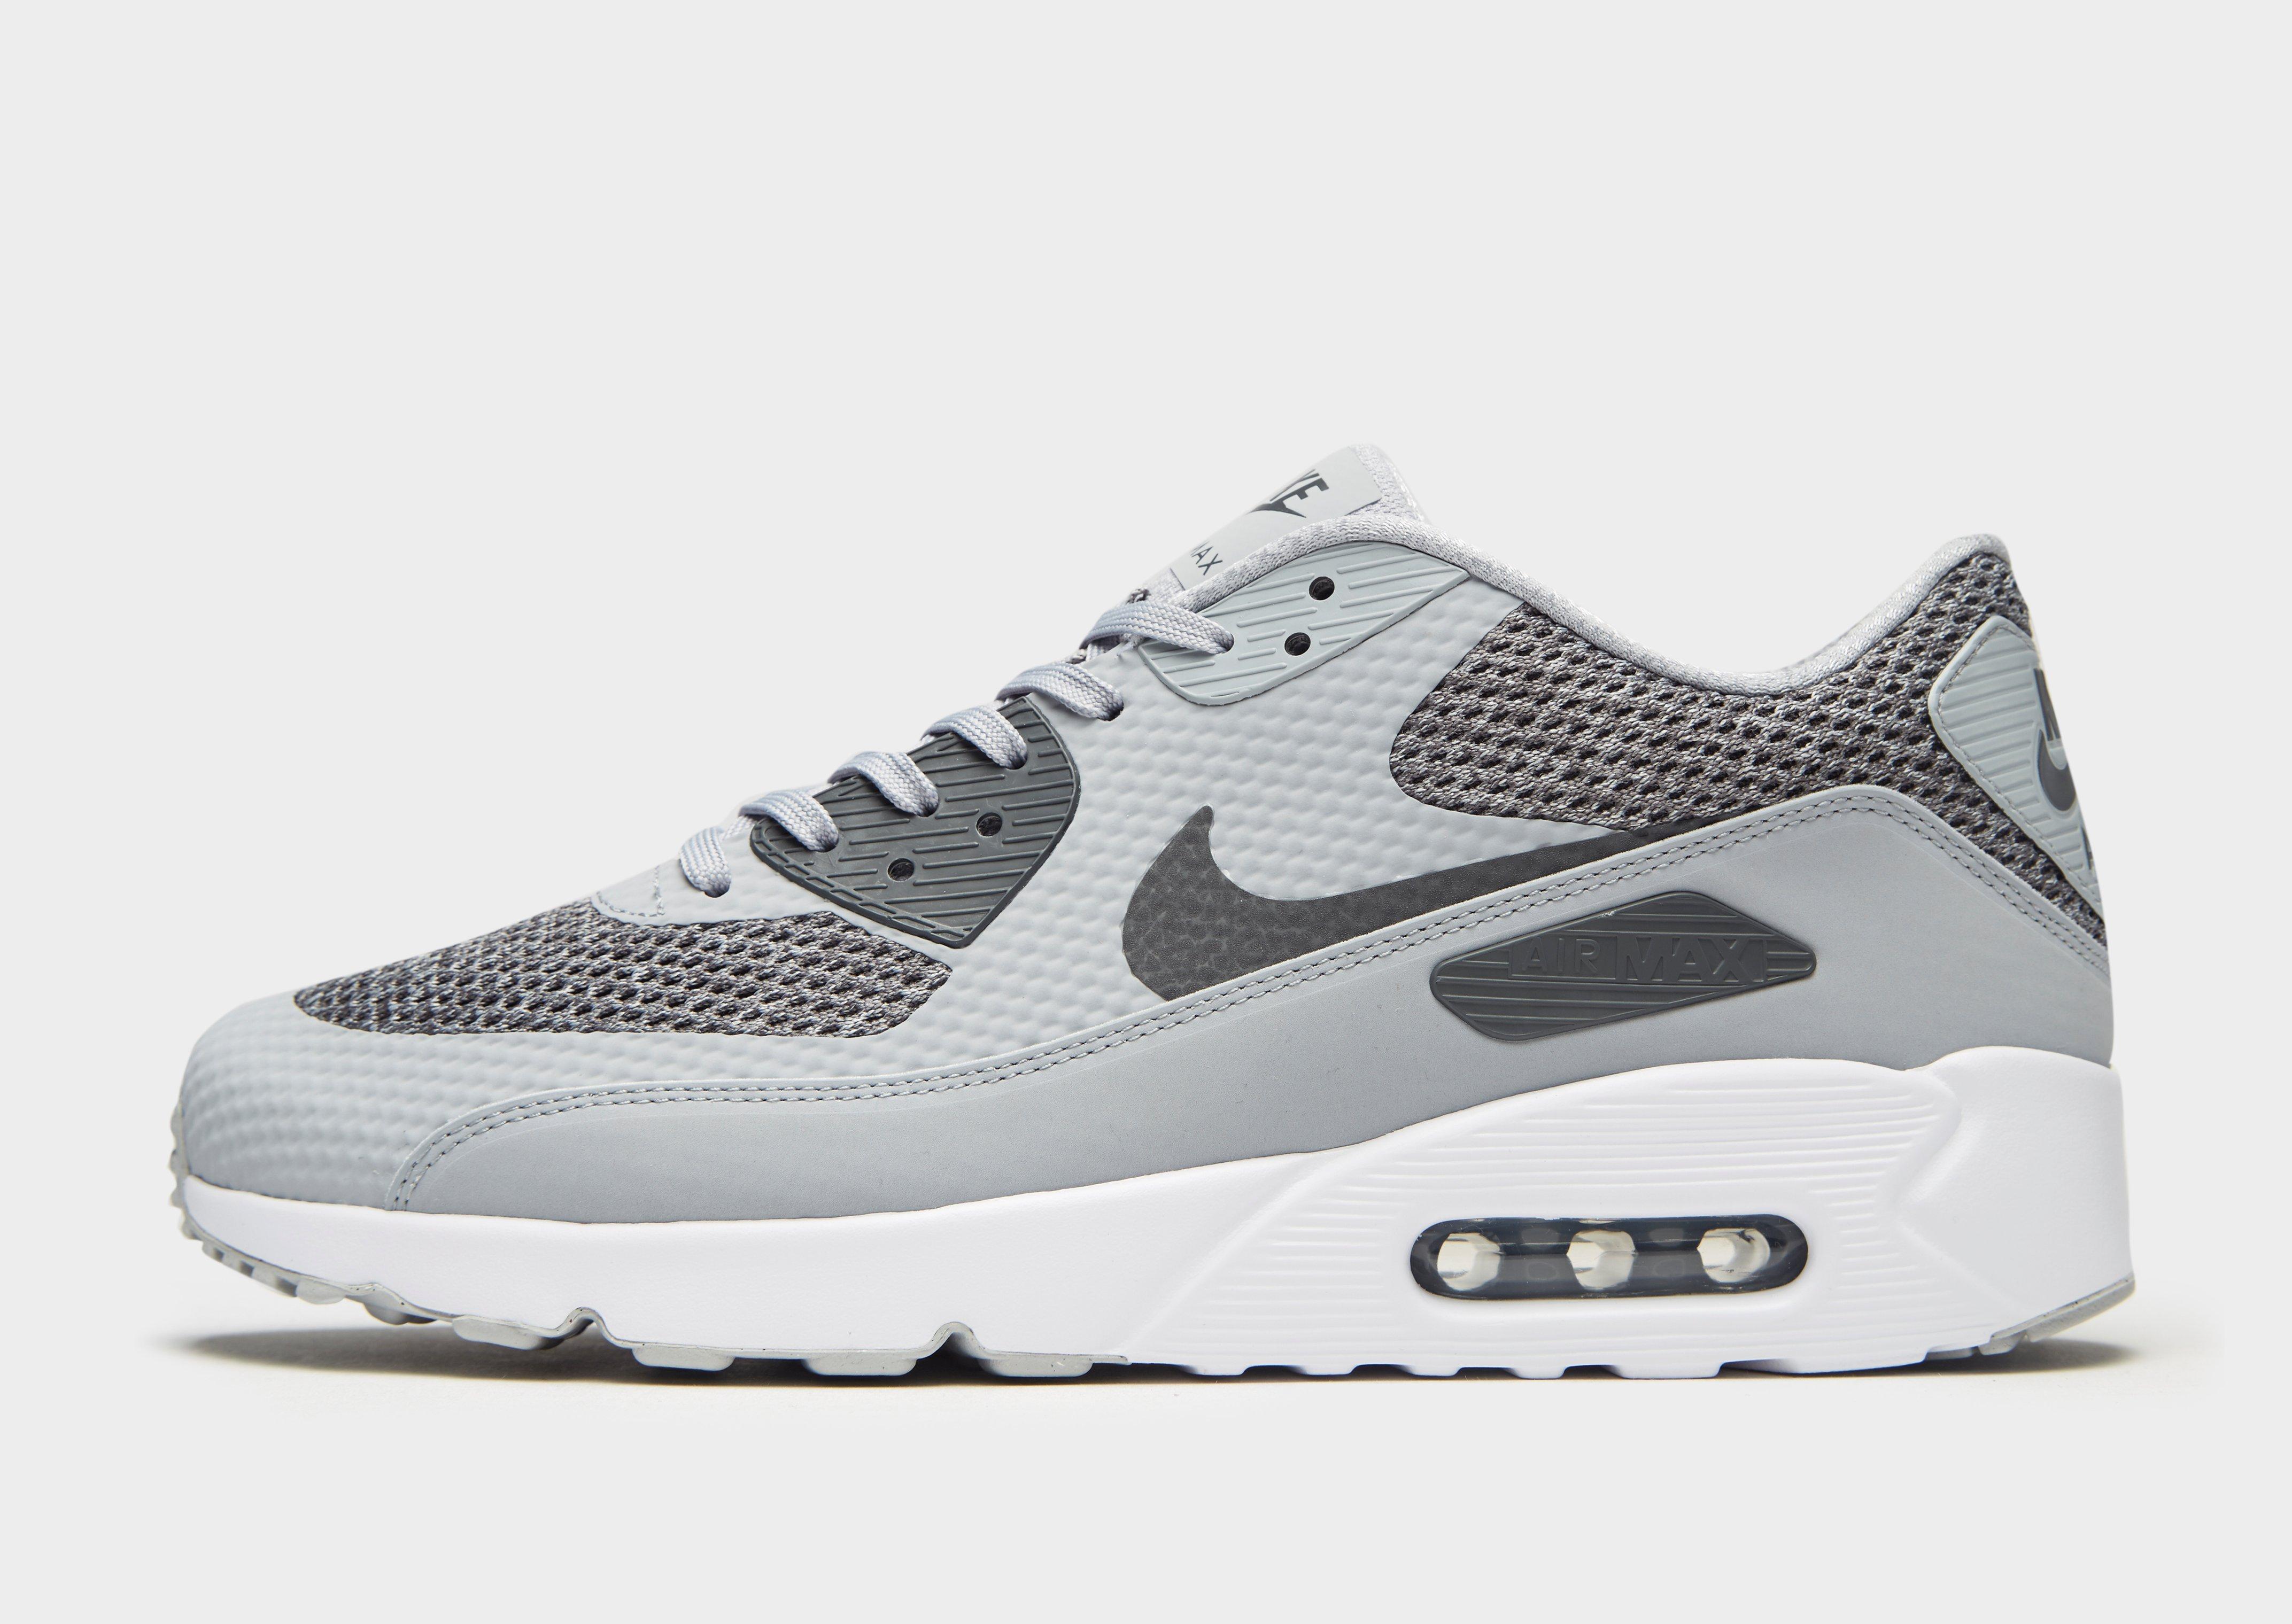 8aeb83f0f34d Nike Air Max 90 Ultra 2.0